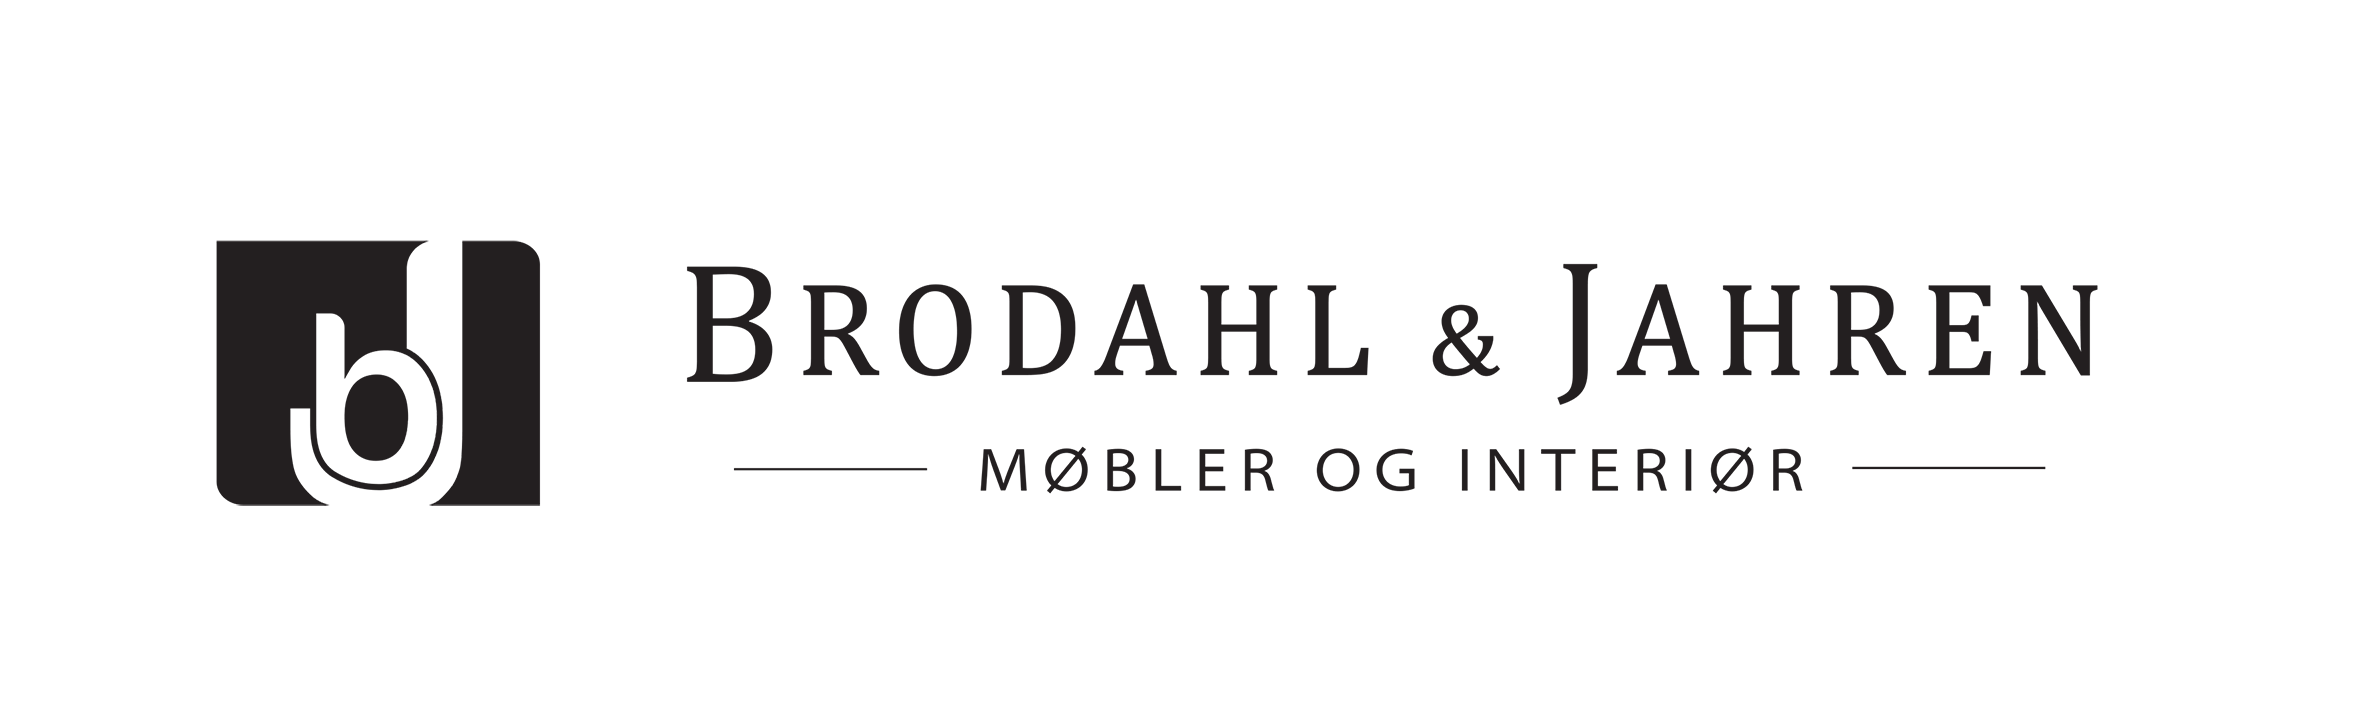 Brodahl & Jahren